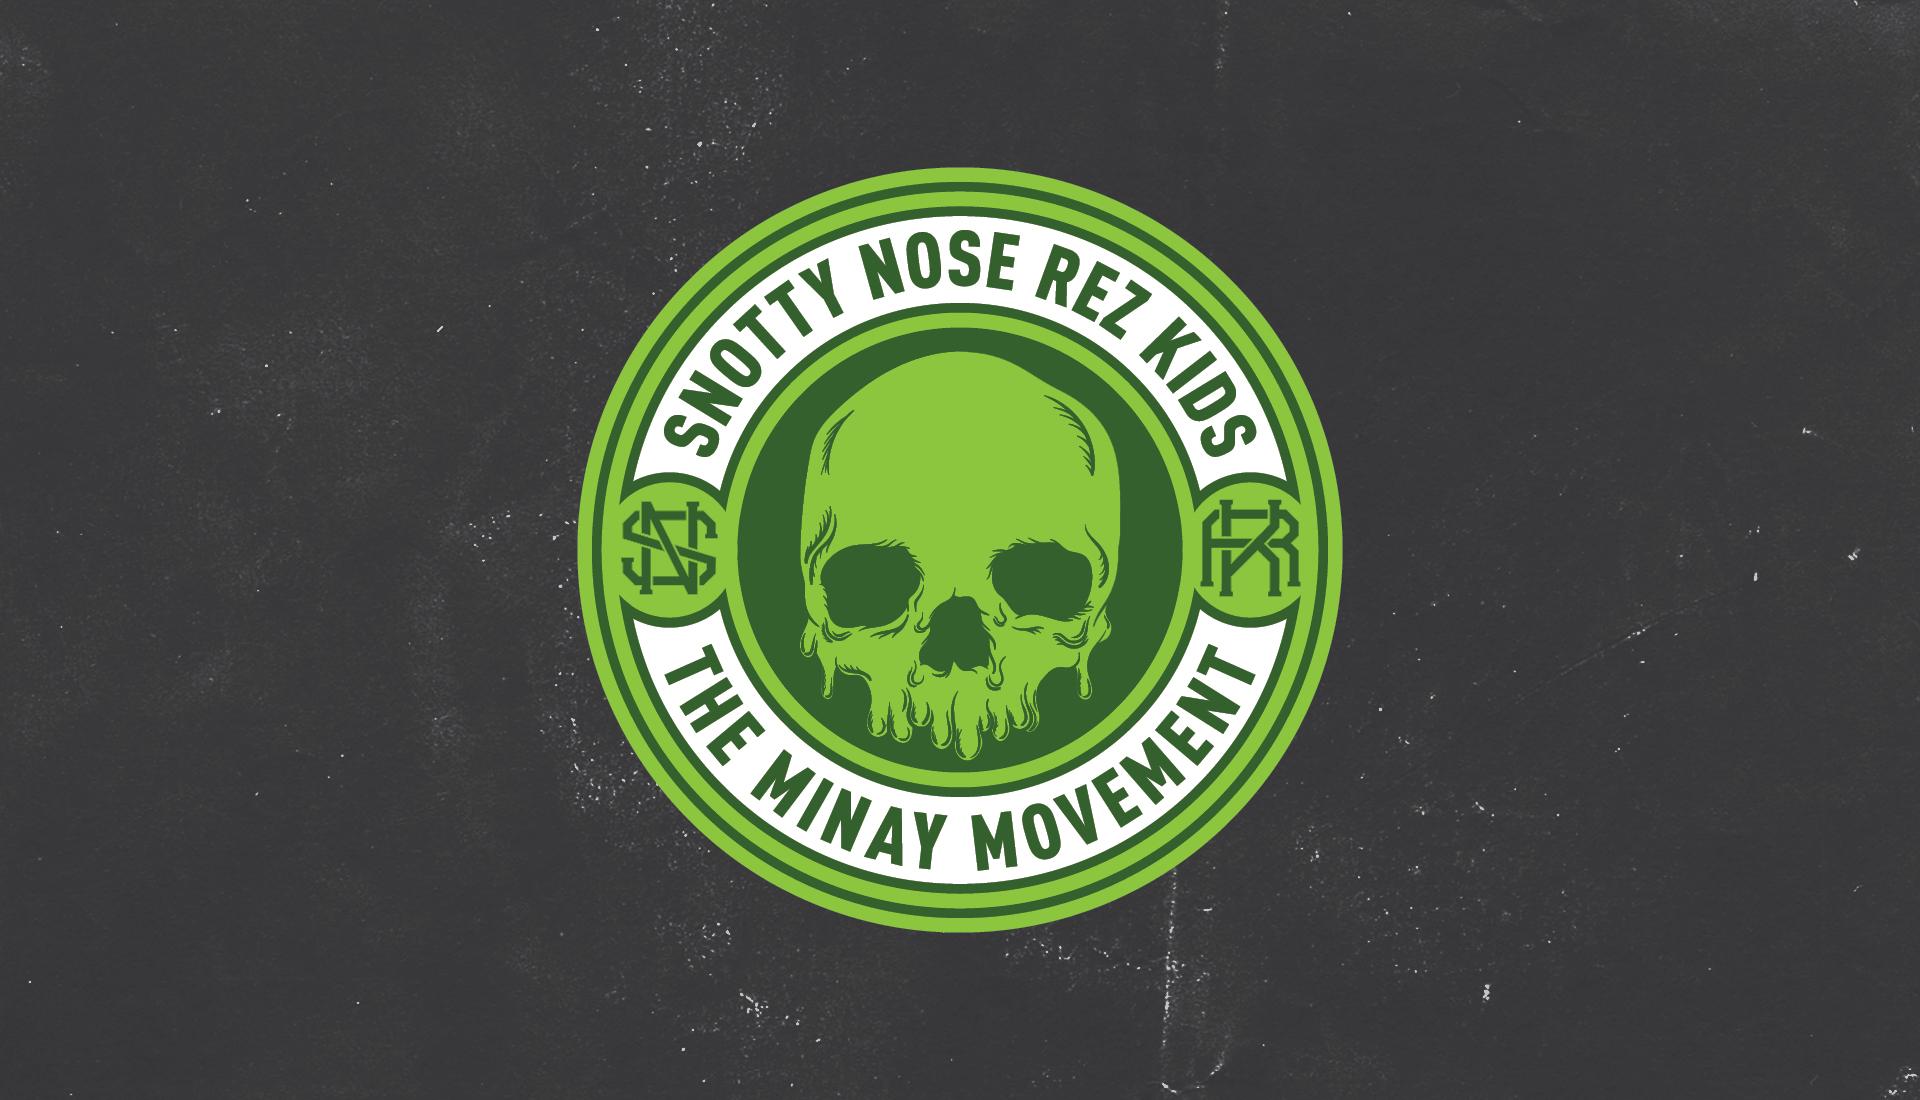 Snotty Nose Rez Kids | Secondary Badge